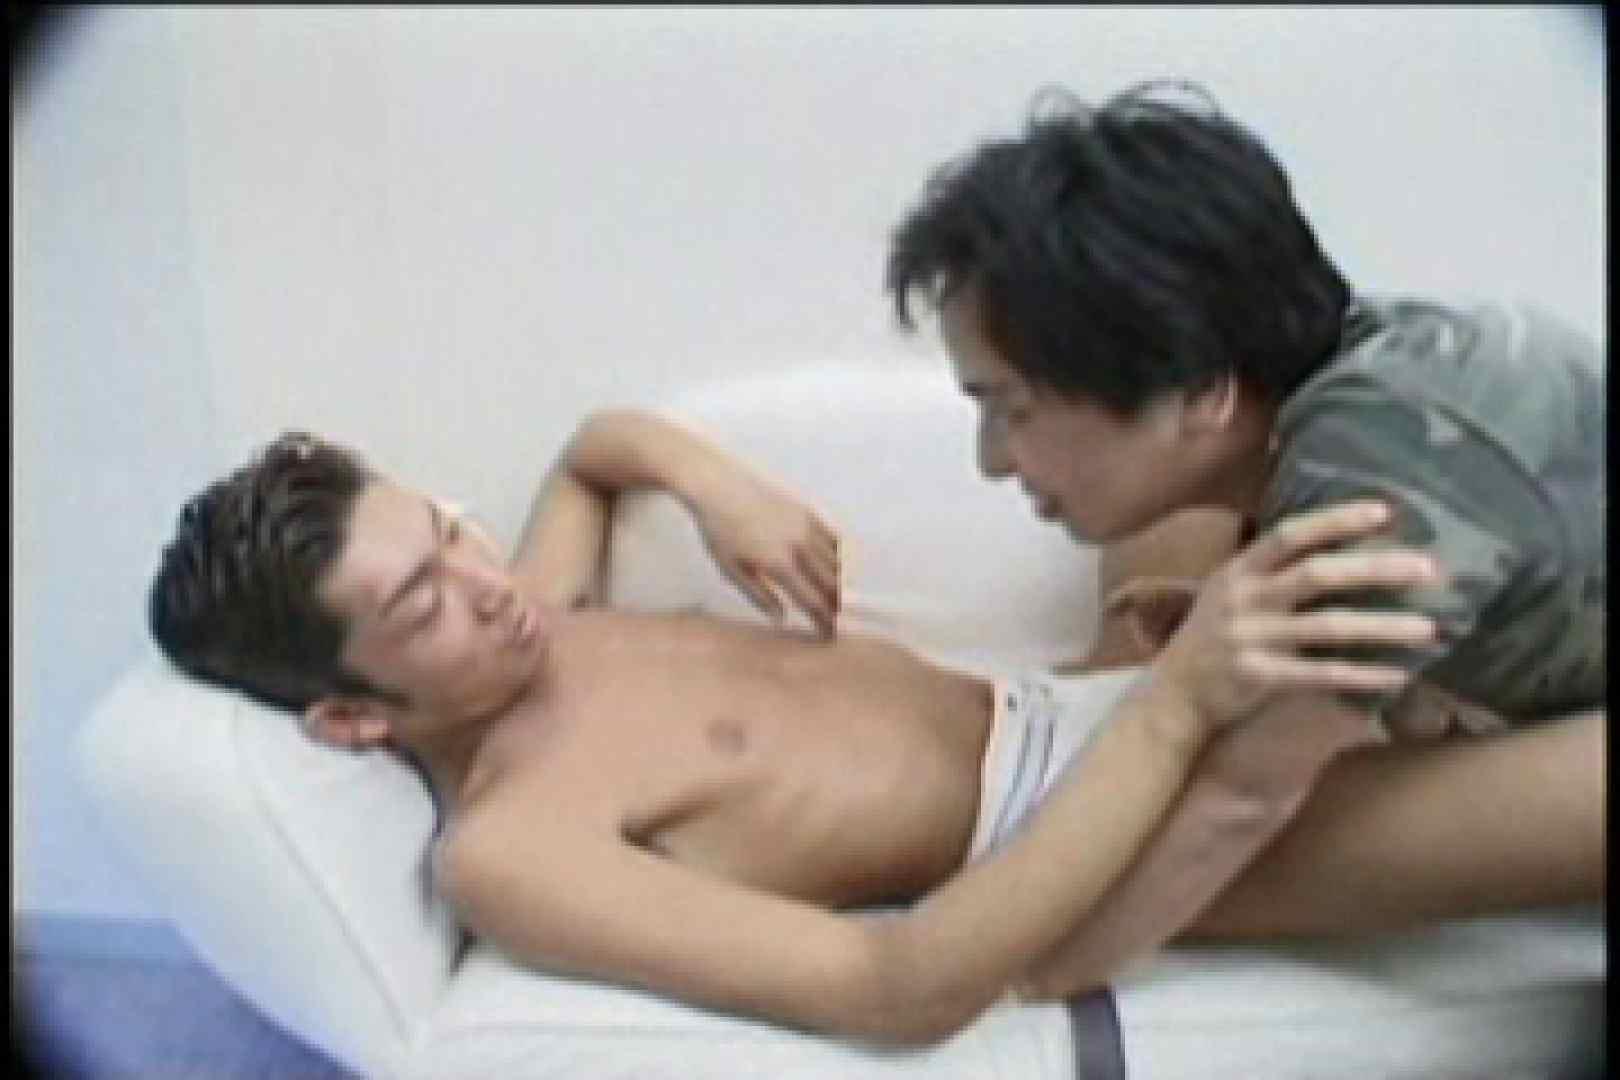 ゲイリーマンズの日常的フェラ三昧(オムニバス) 男どうし ゲイエロ動画 52pic 36